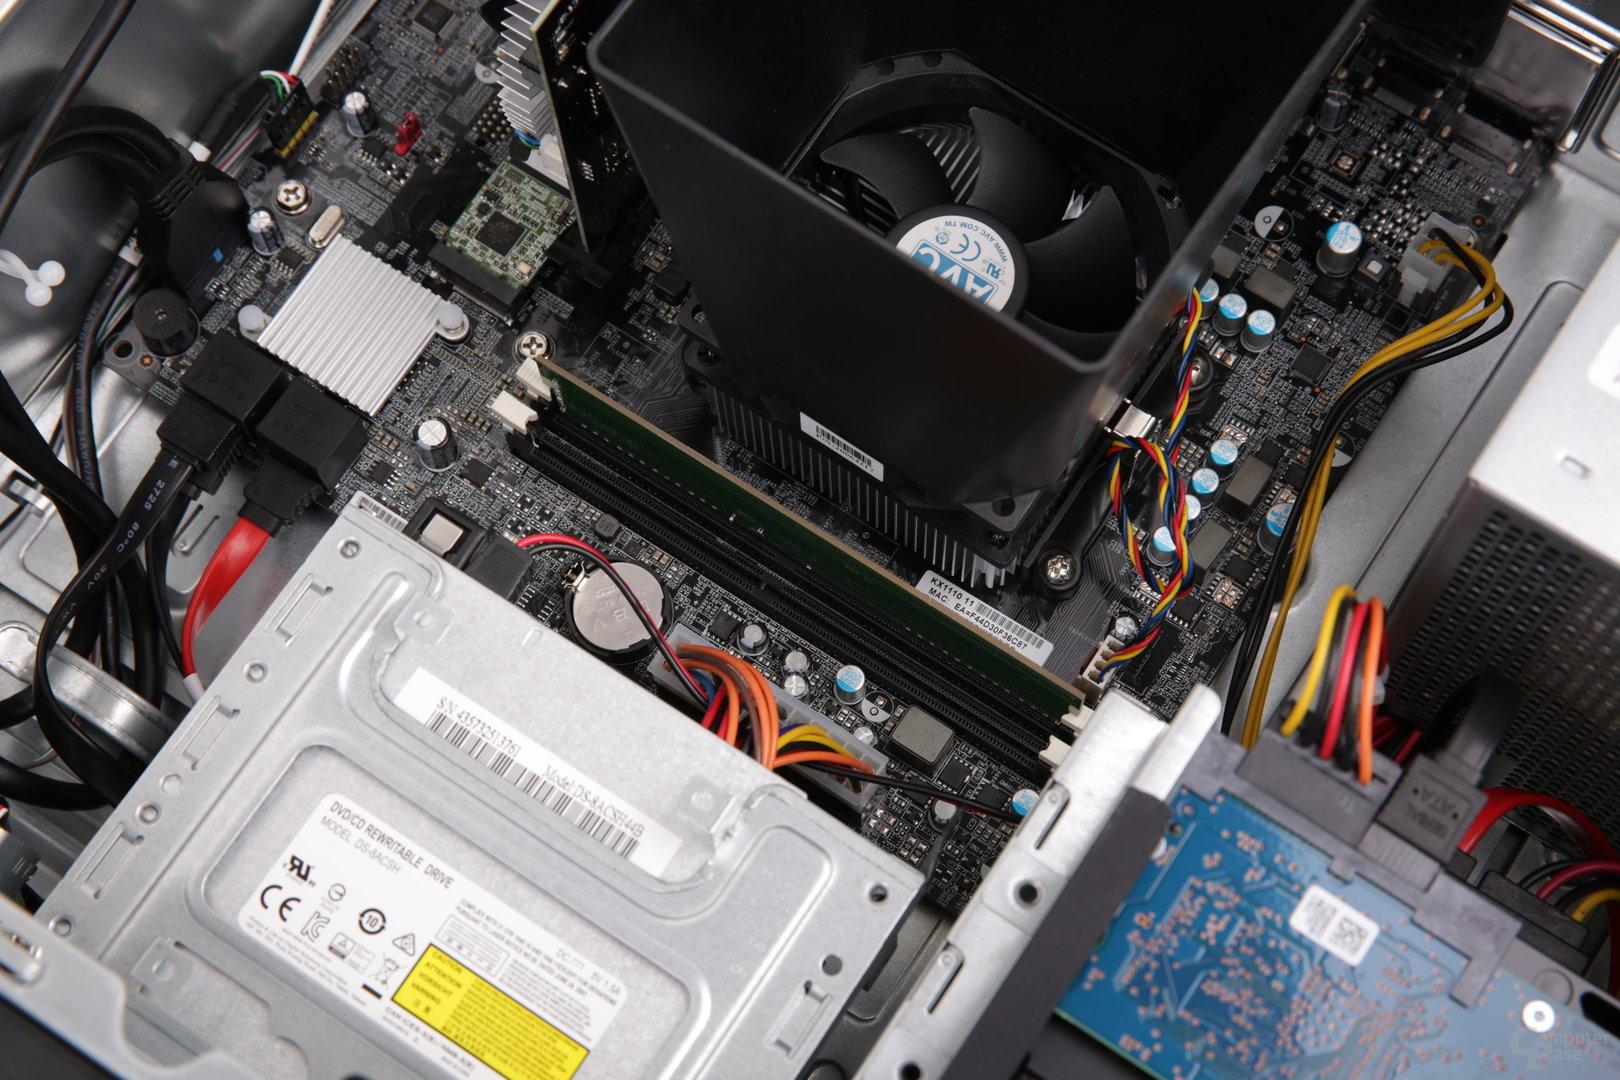 Ein DIMM-Slot ist ab Werk noch frei